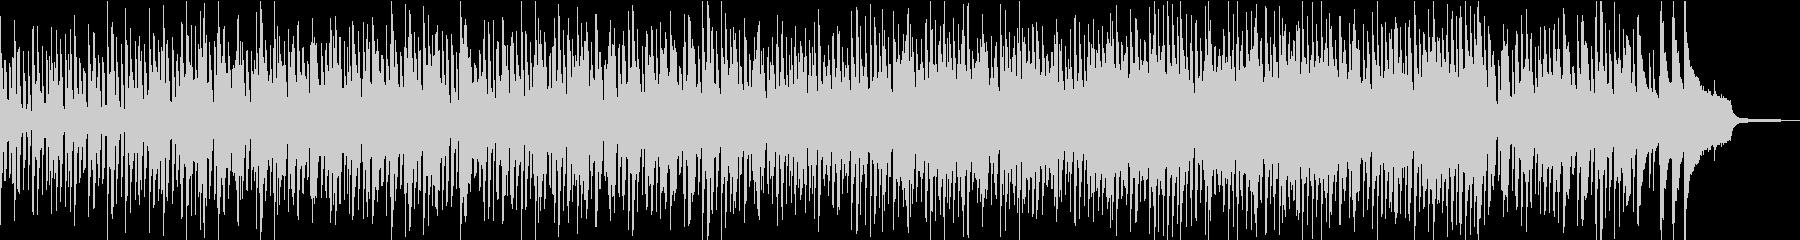 ハーモニカの音が懐かしく切なく温かい曲の未再生の波形